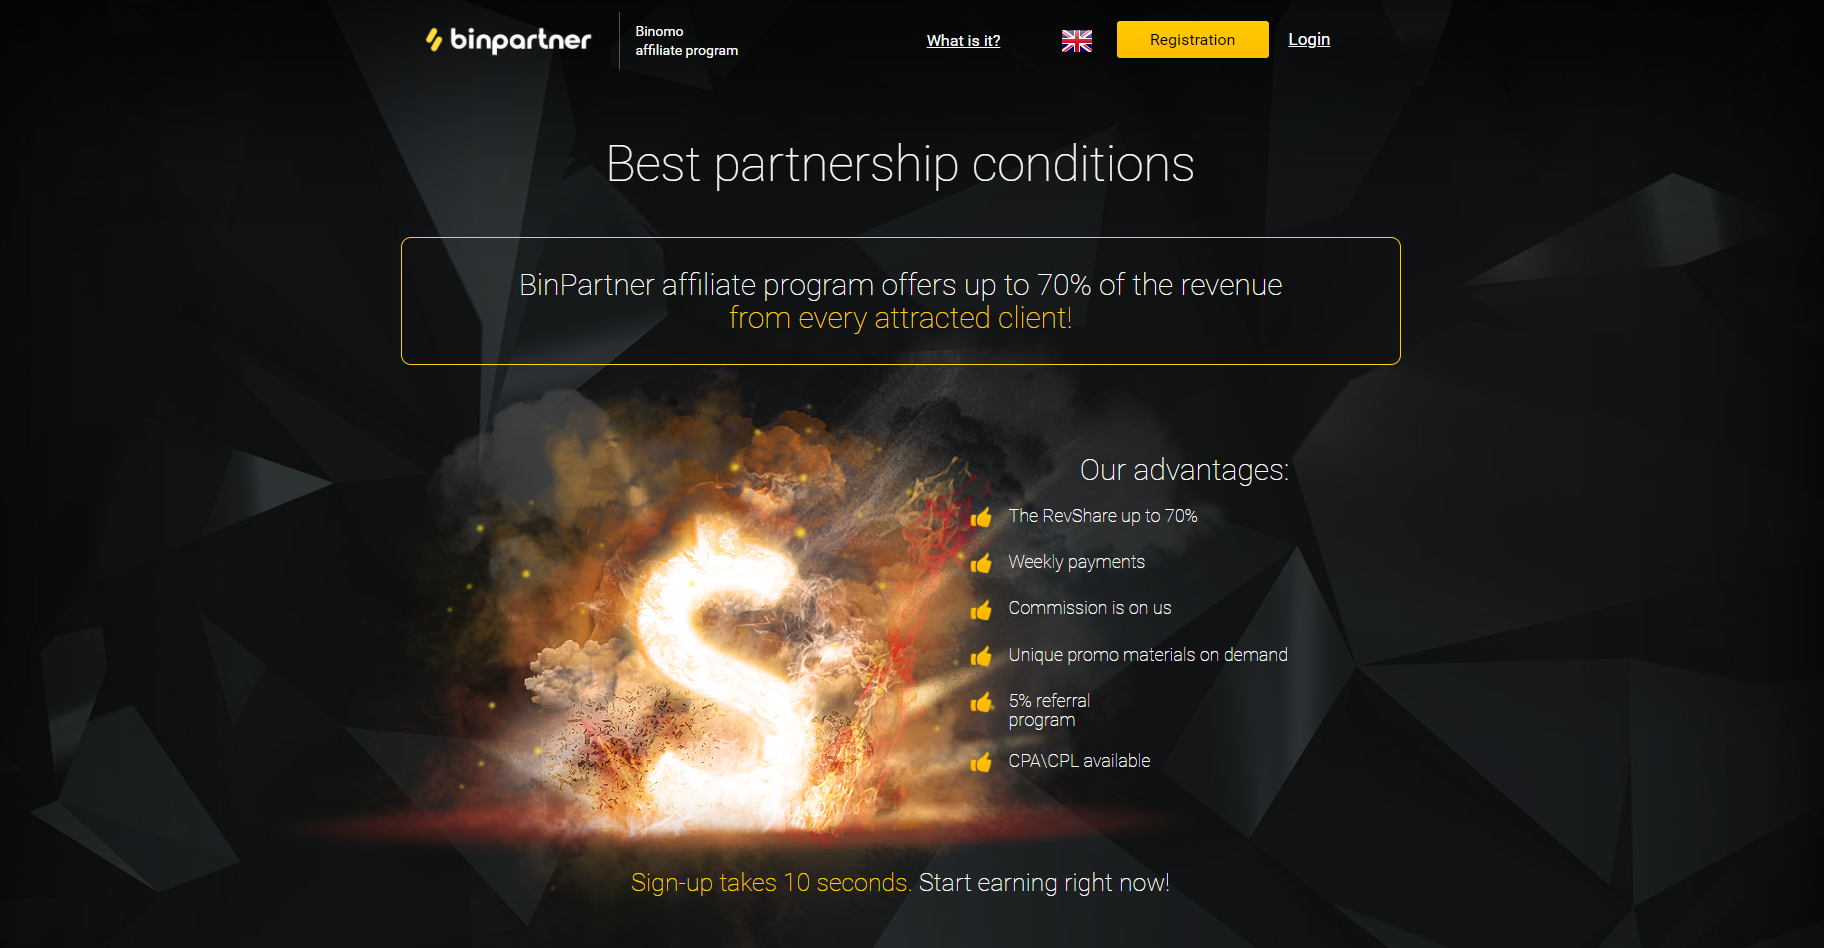 Website of the BinPartner affiliate program